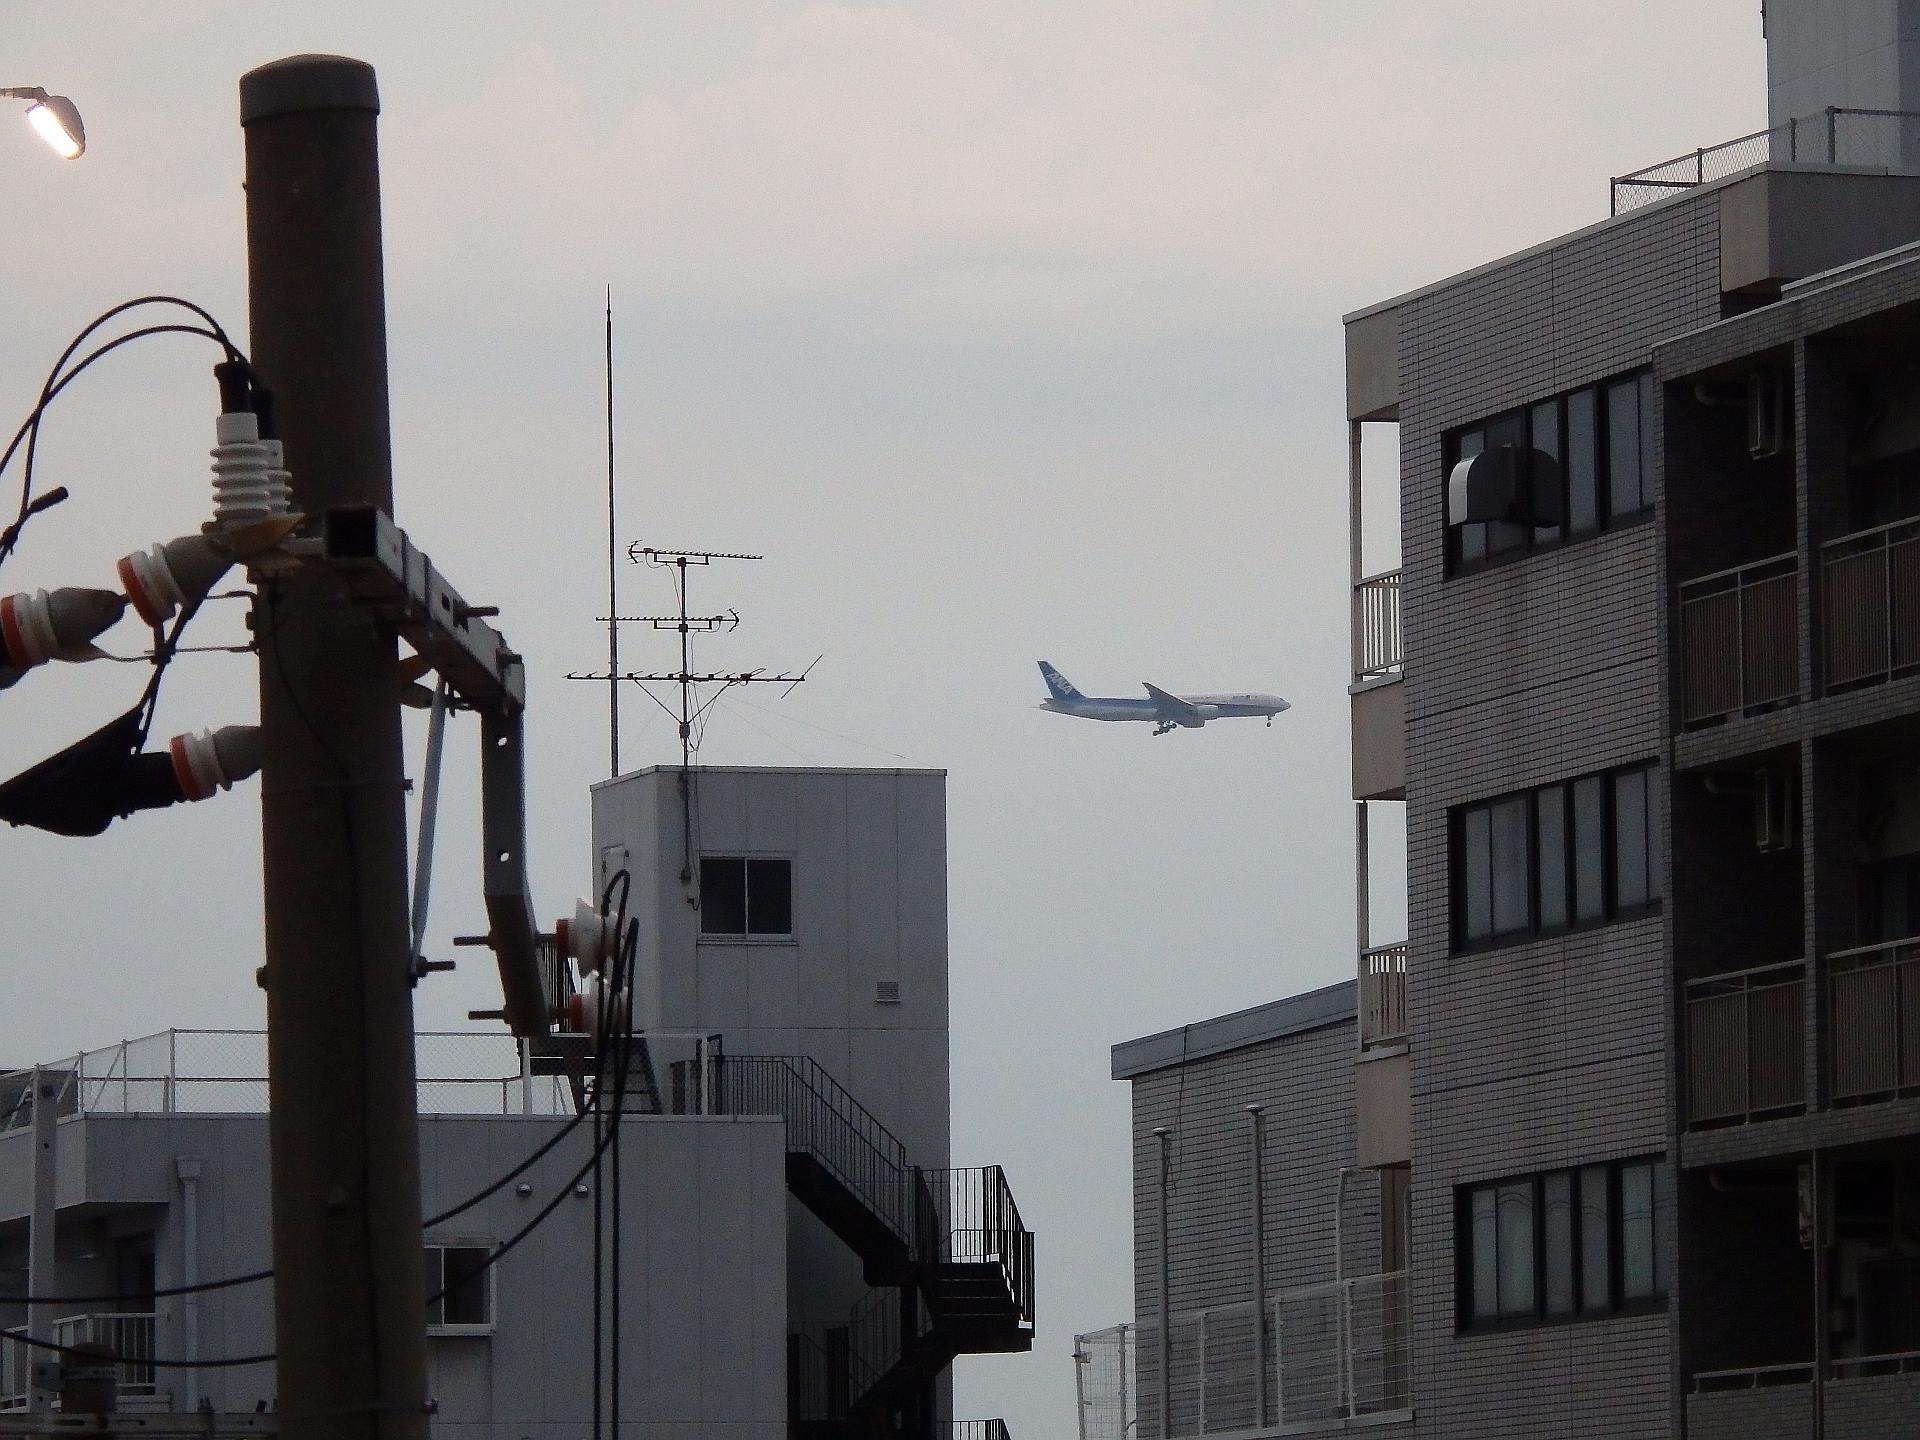 ビルの間を掠め飛ぶANAのトリプルセブンです。